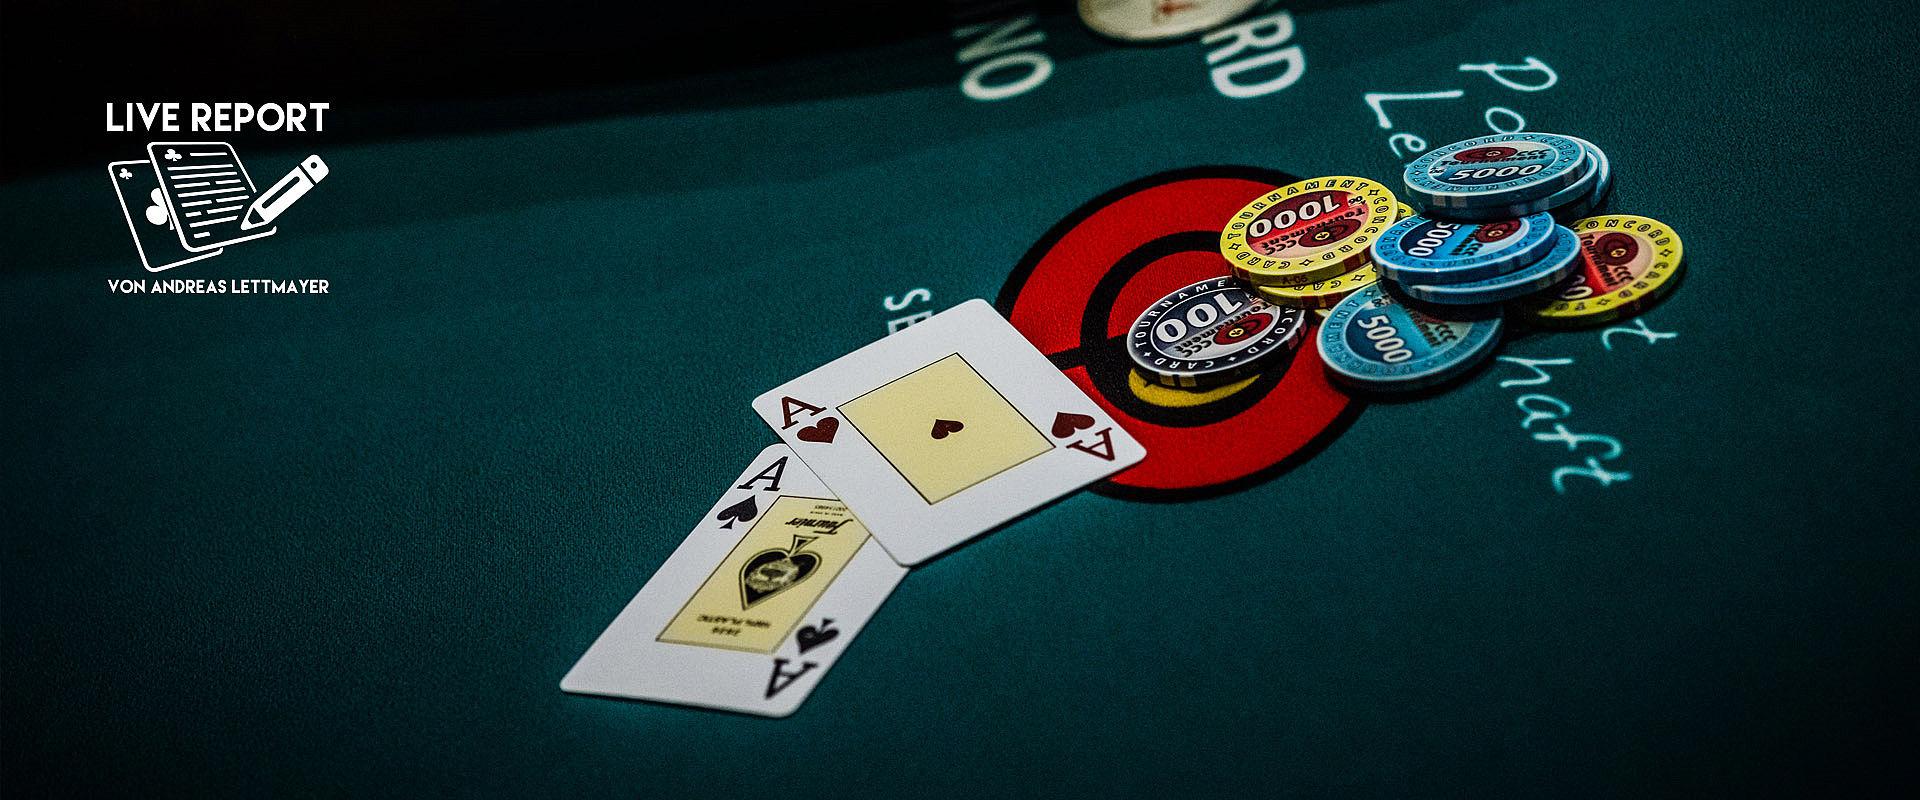 Poker im - 23109